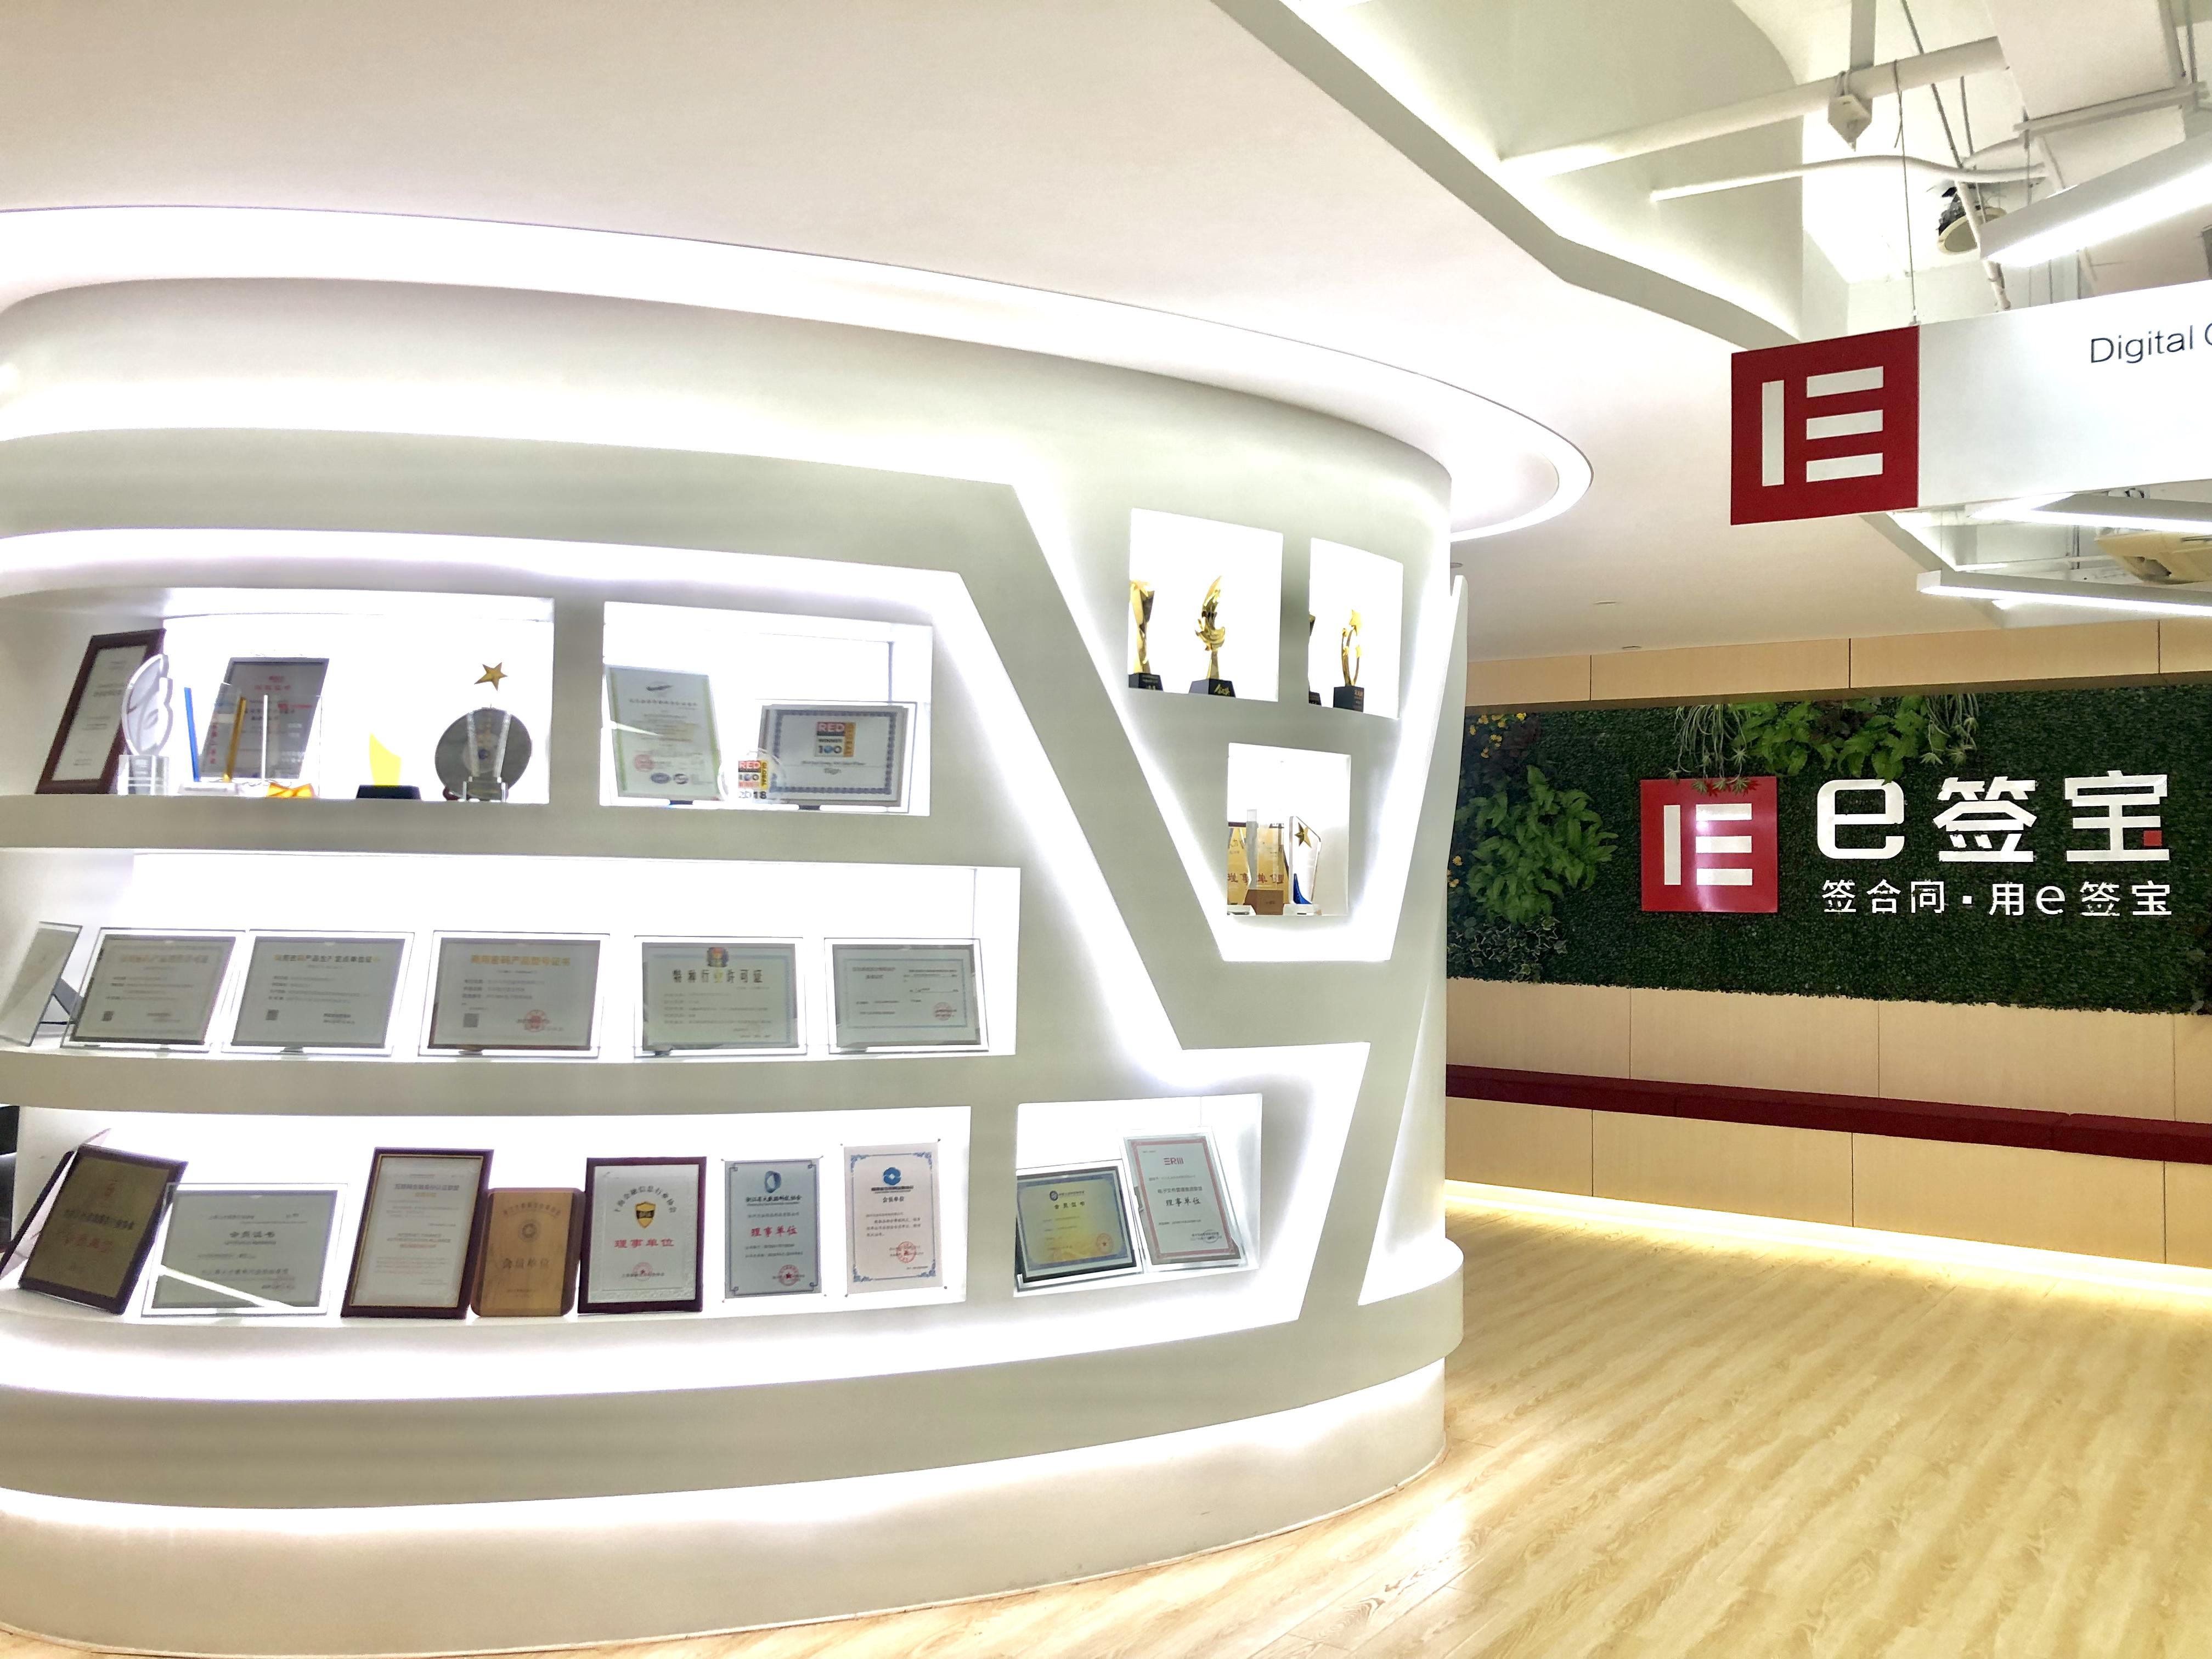 杭州天谷科技有限公司